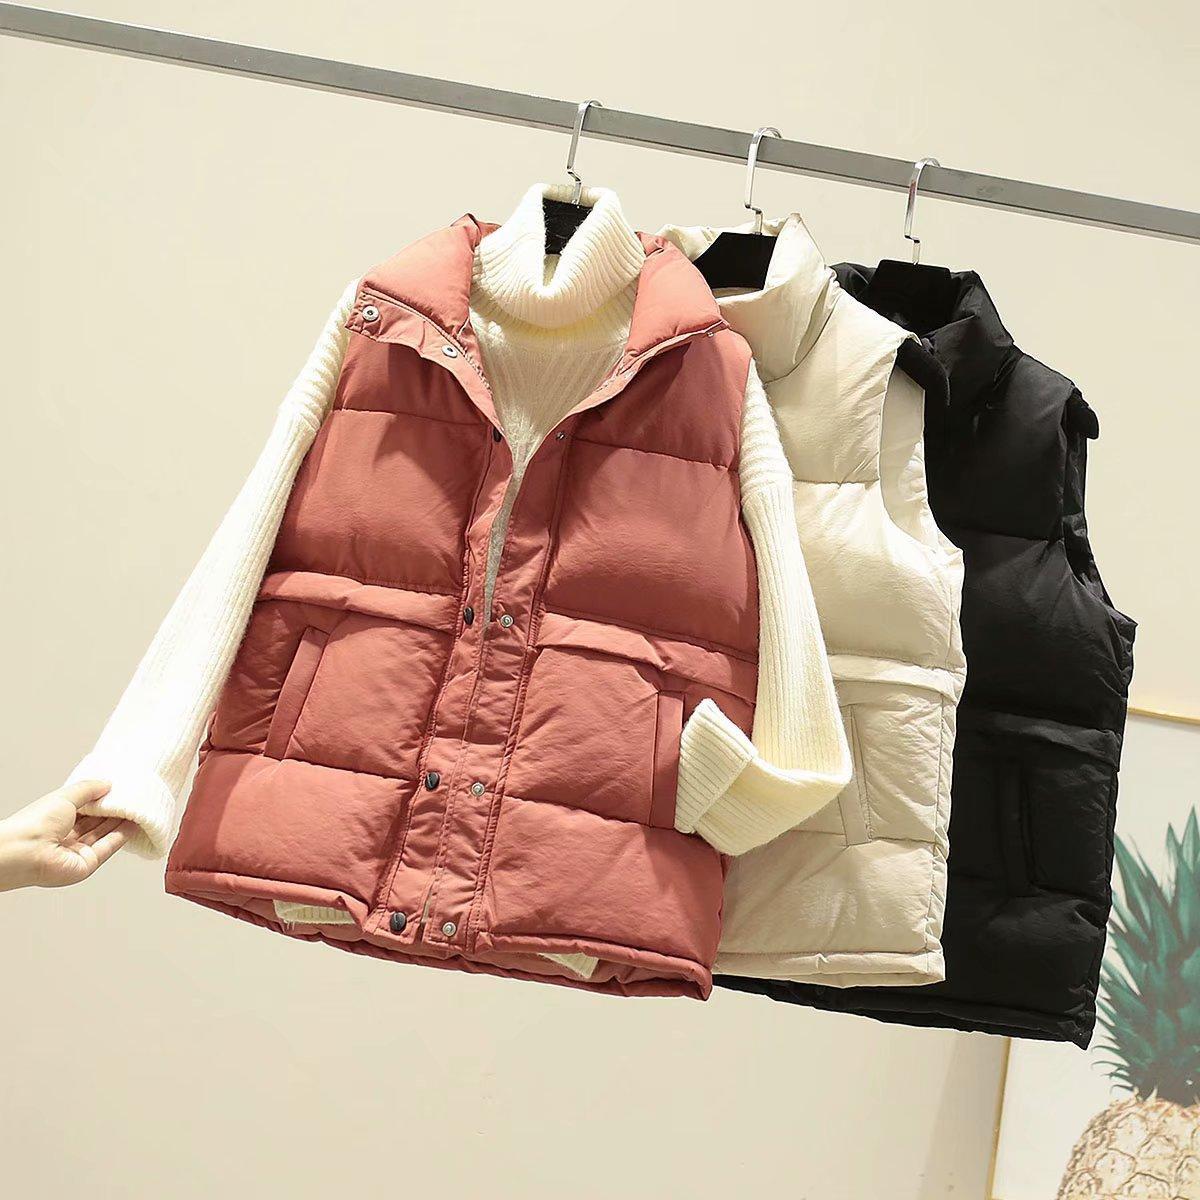 여성 겨울 다운 조끼 캐주얼 순수한 3 색 포켓 호흡기 조끼 코트 2020FW 겉옷 여성 의류 가을